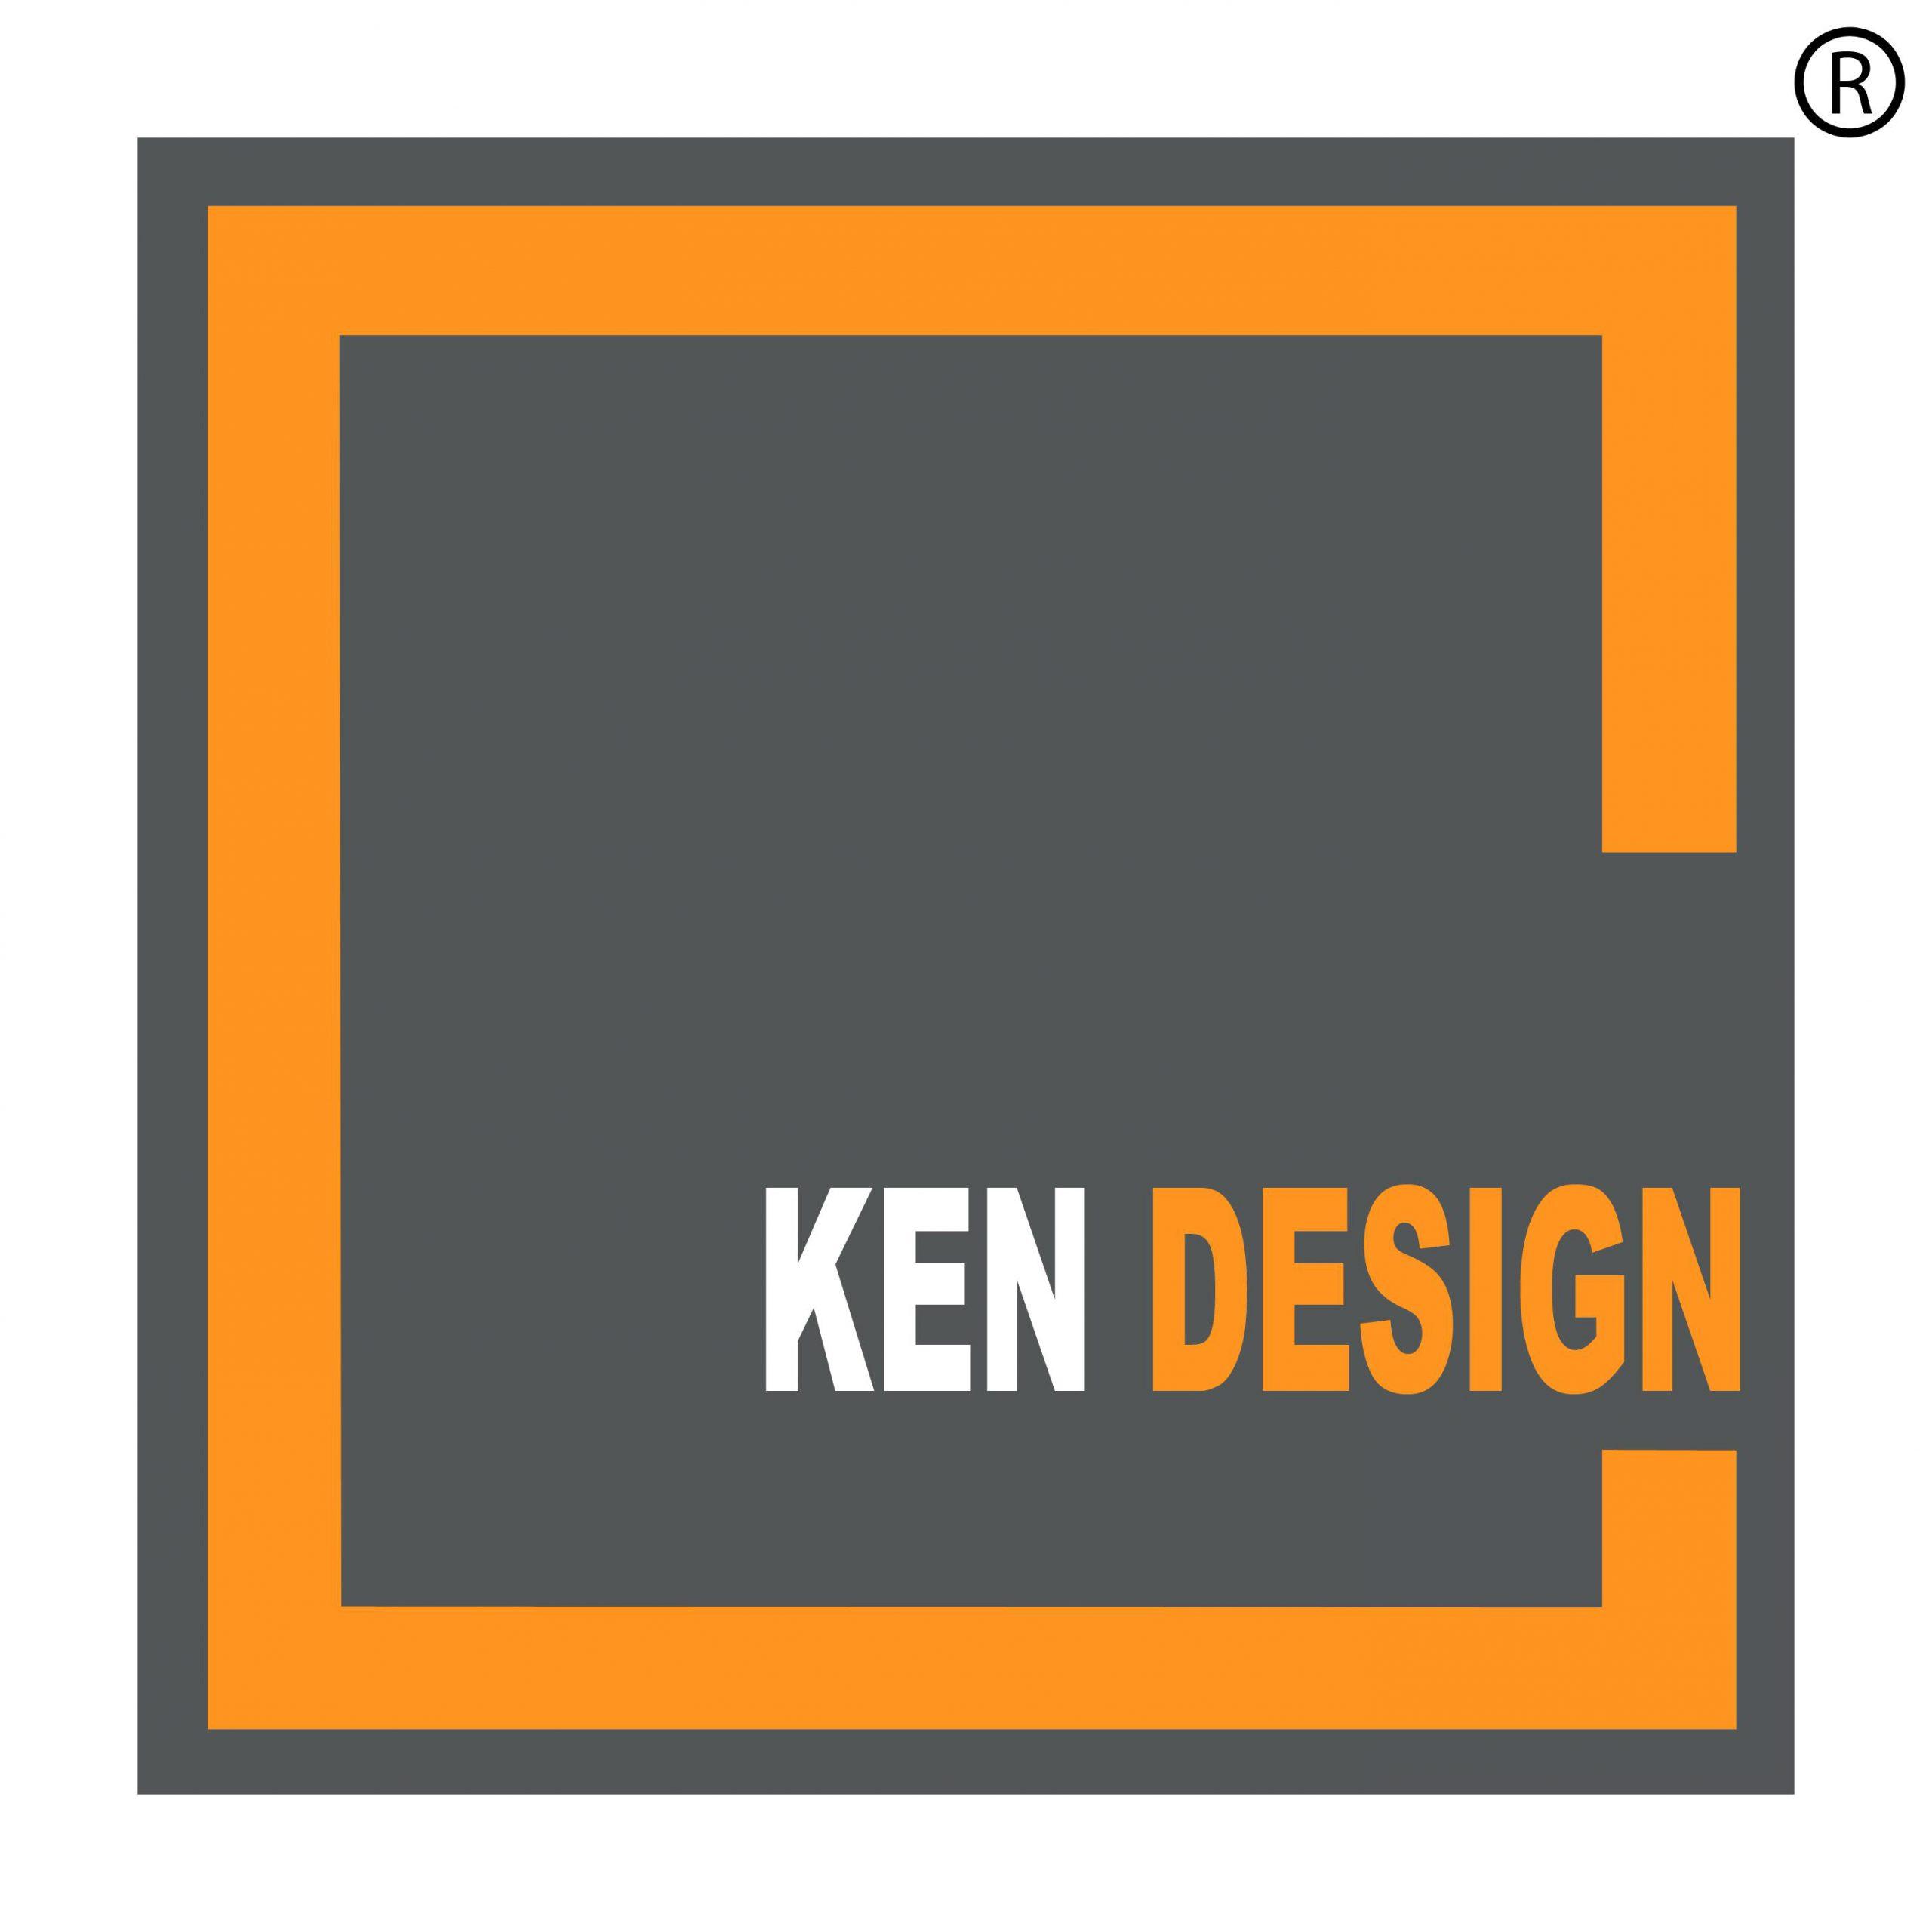 Công ty Cổ phần nội thất KENDESIGN